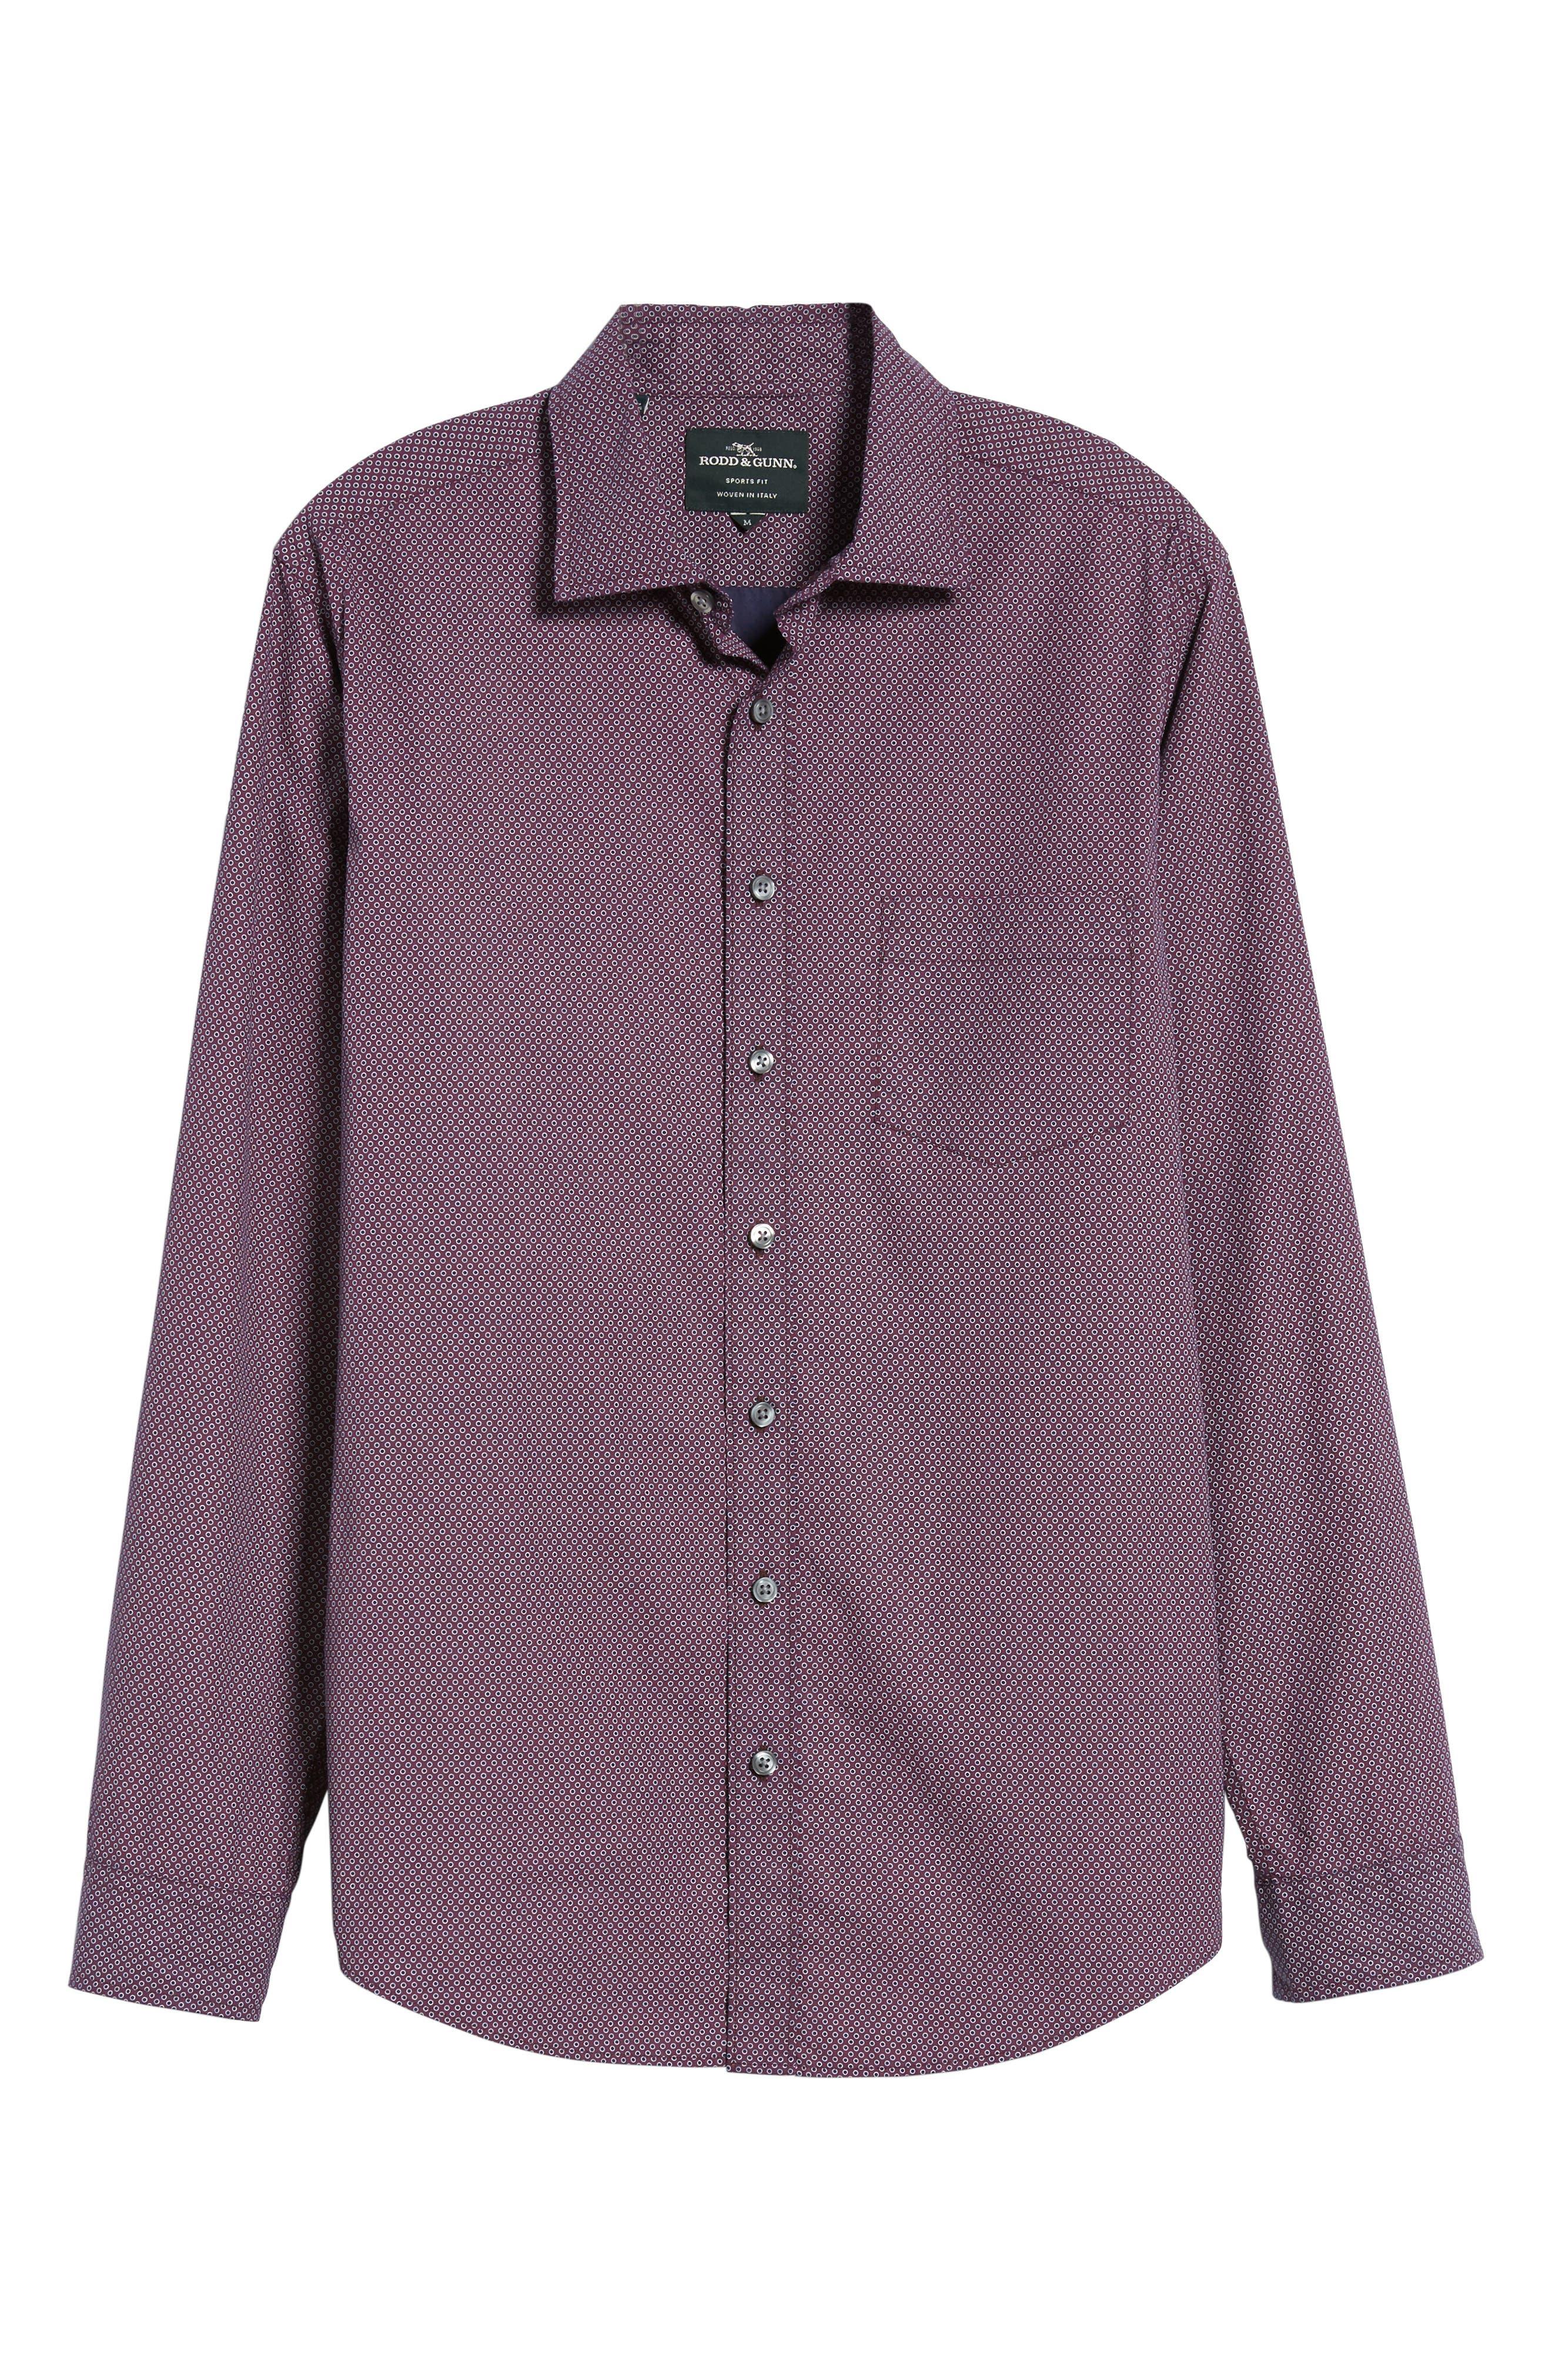 Ingleton Regular Fit Dot Sport Shirt,                             Alternate thumbnail 6, color,                             599